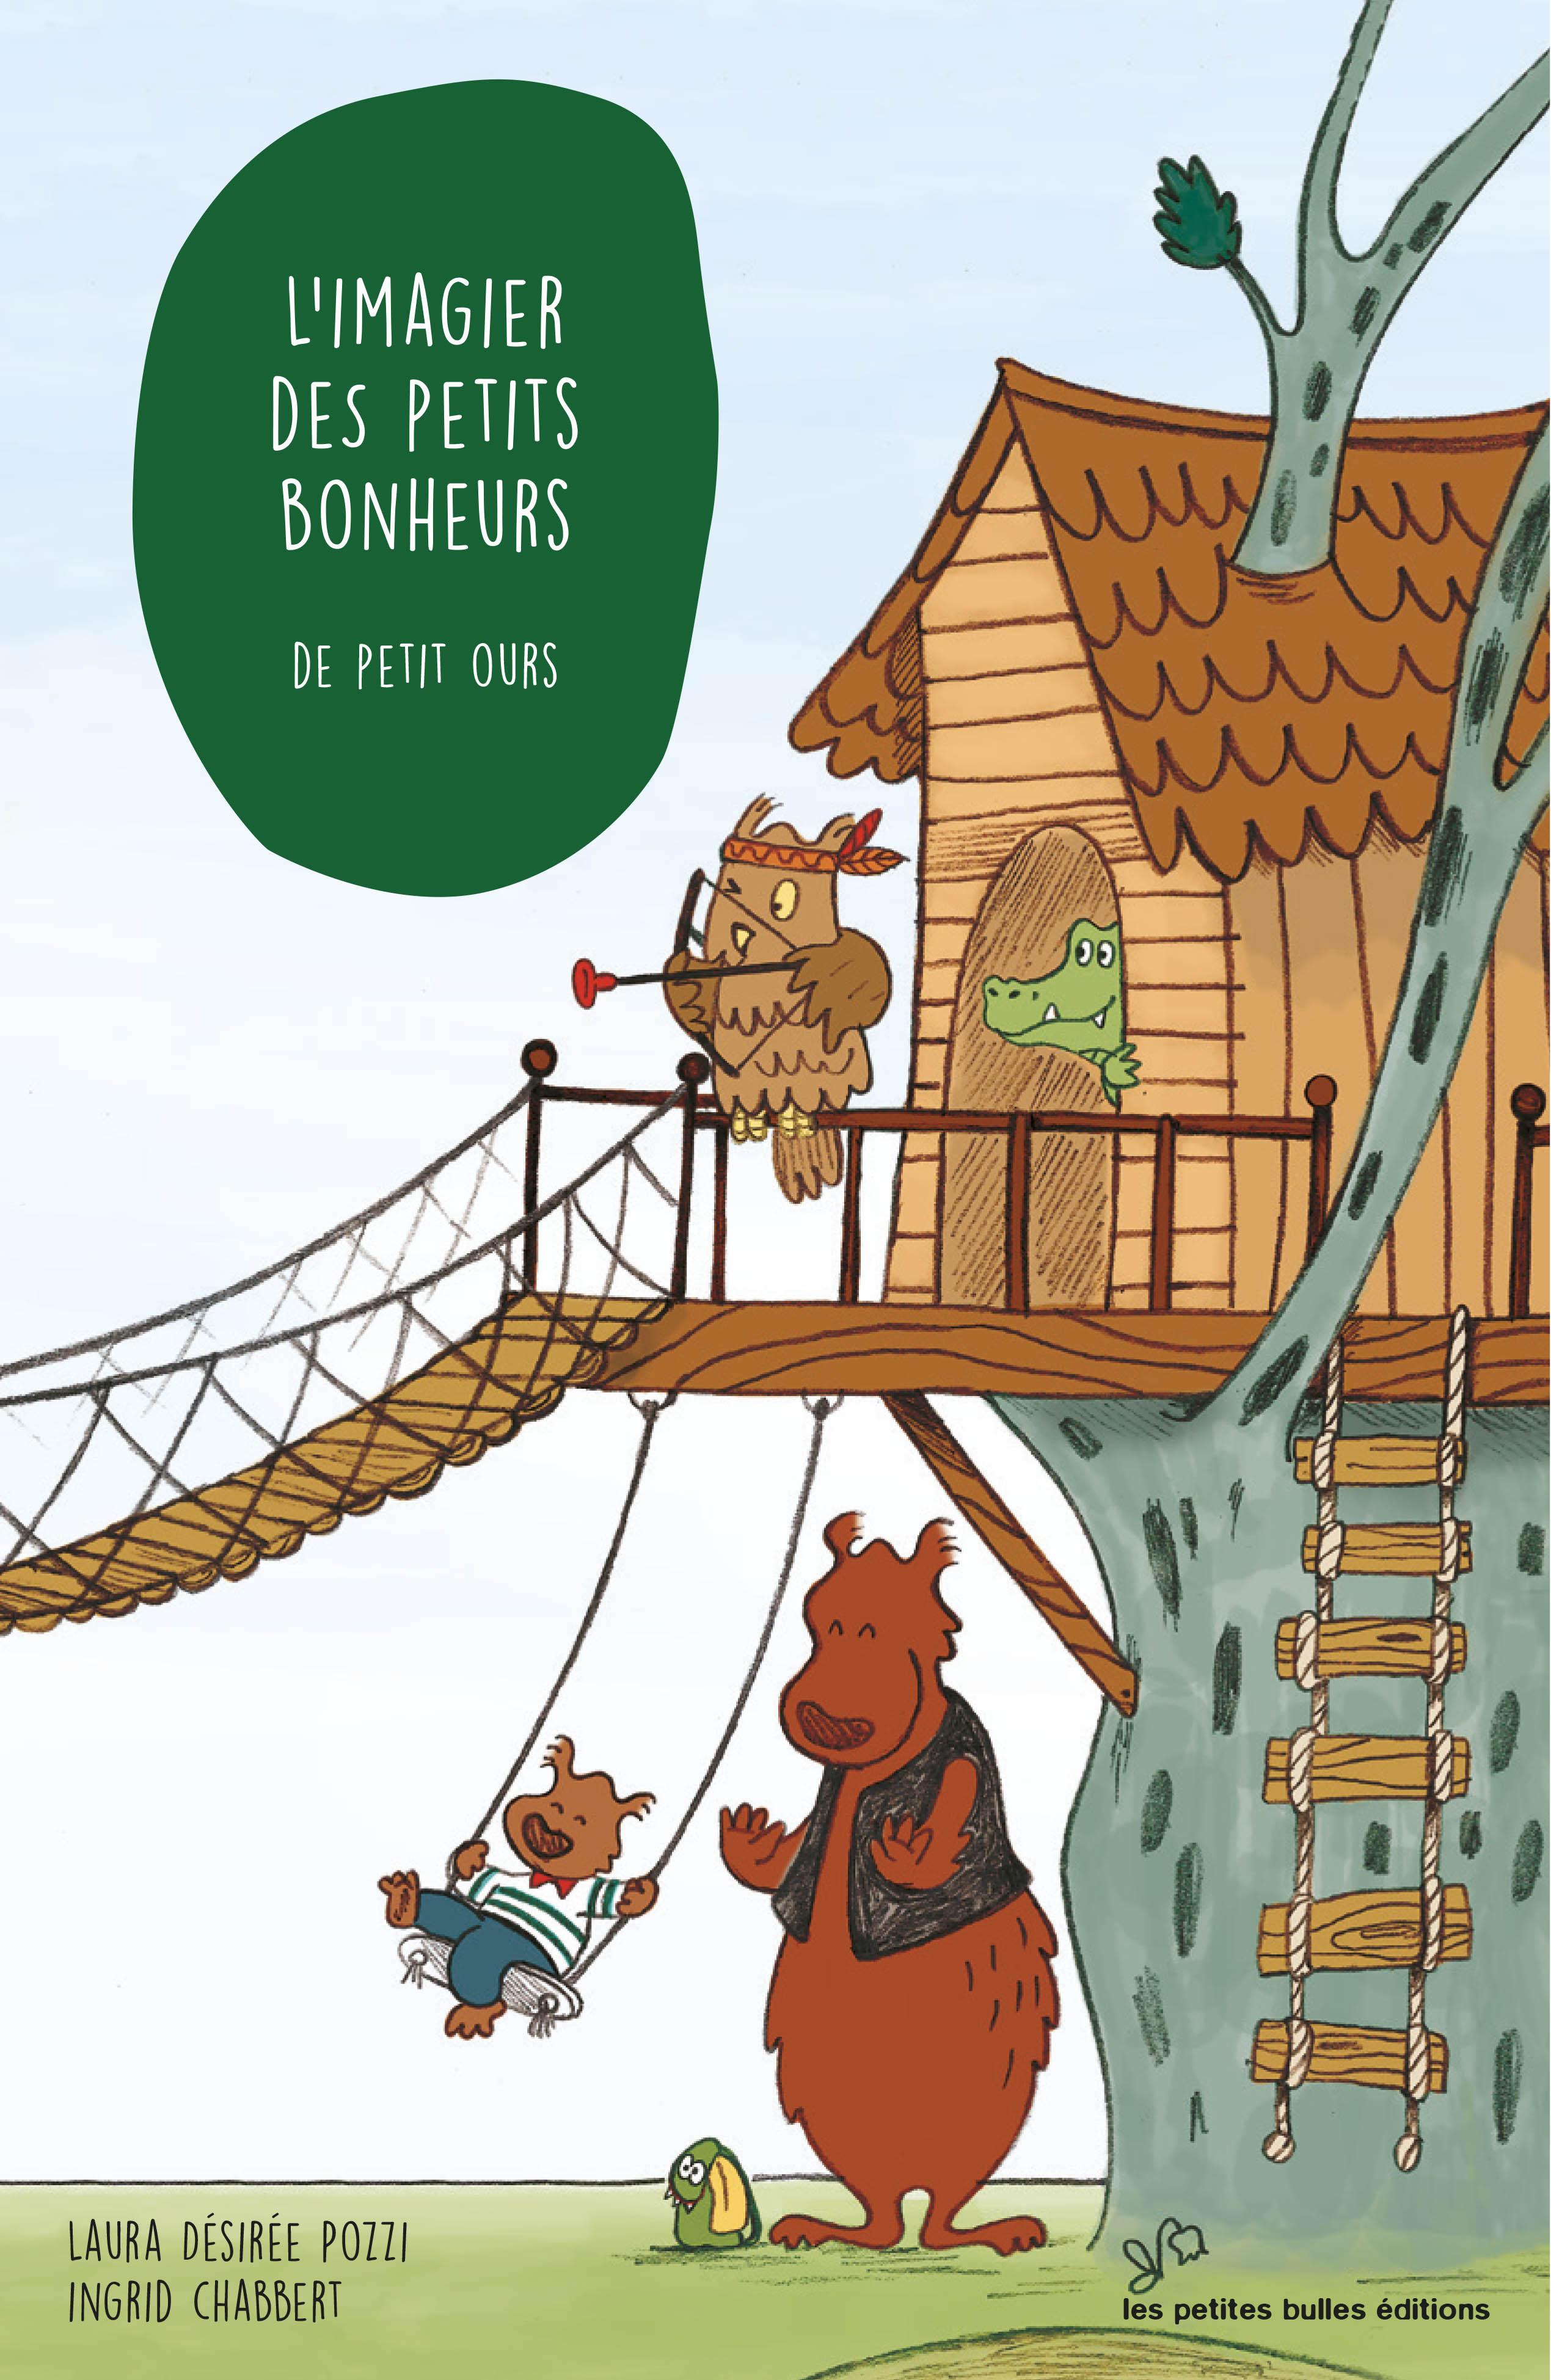 L'IMAGIER DES BONHEURS DE LA JOURNEE DE PETIT OURS